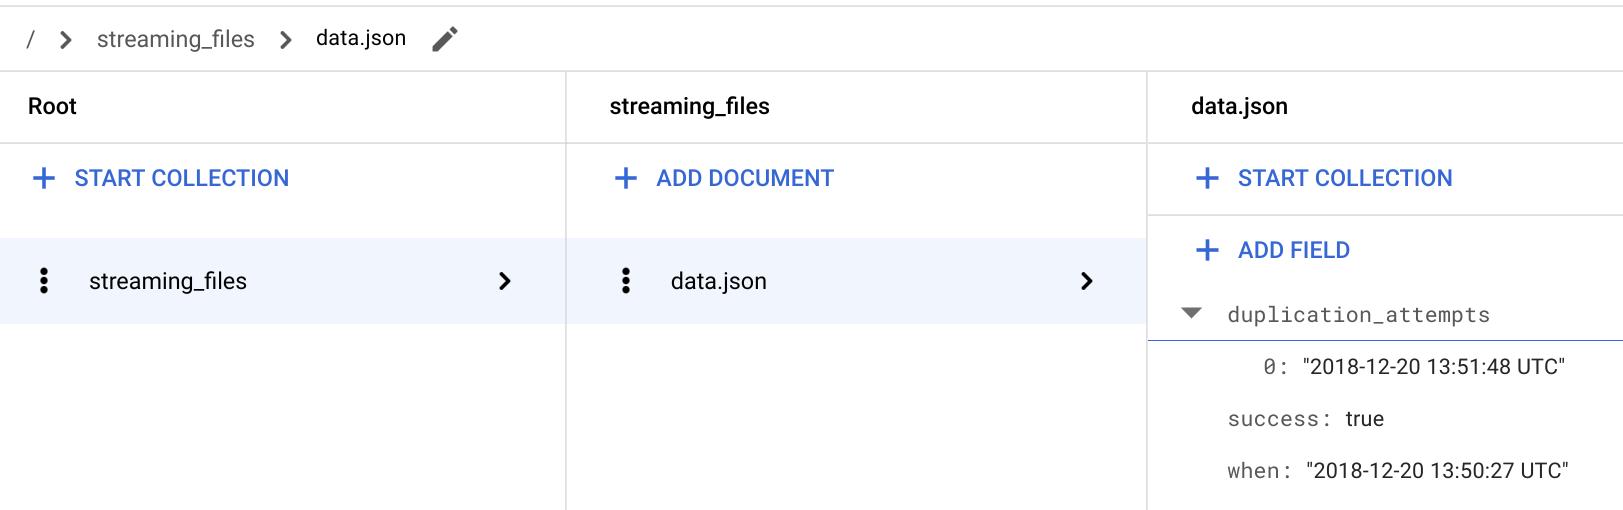 """Vérification que la fonction """"streaming"""" stocke l'élément """"duplication_attempts"""""""